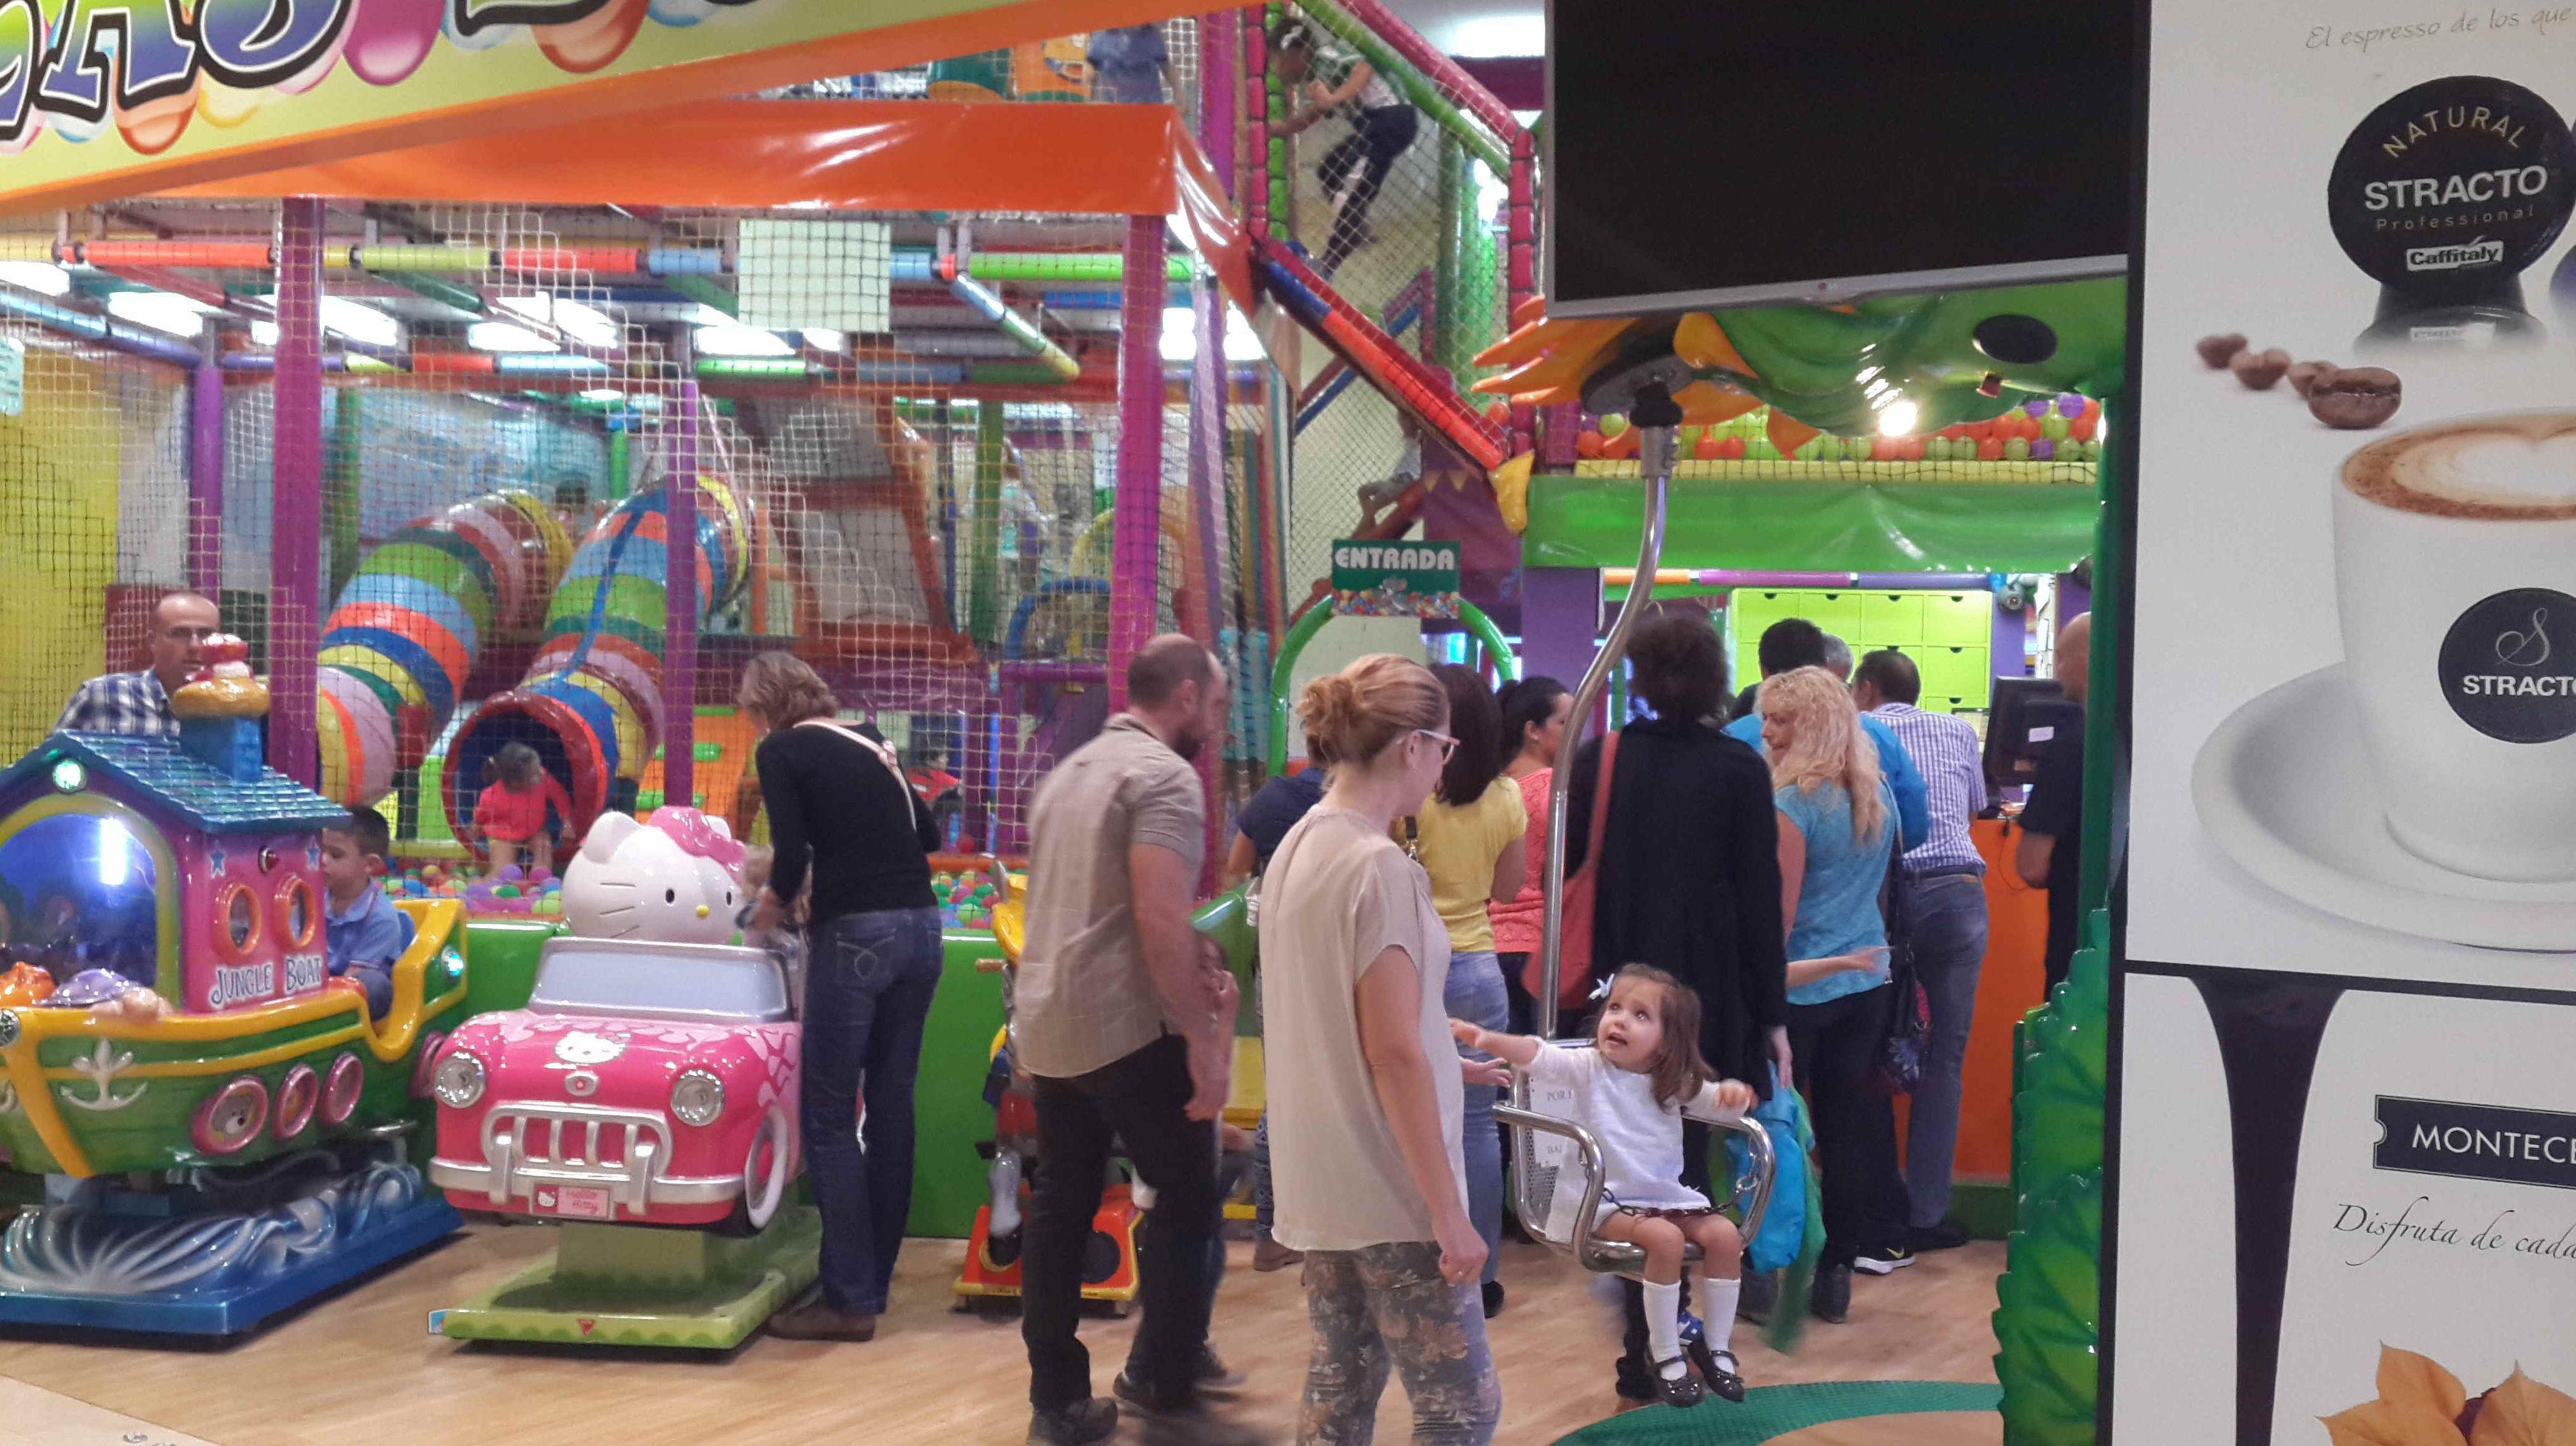 Fiestas infantiles en Alcalá de Guadaira